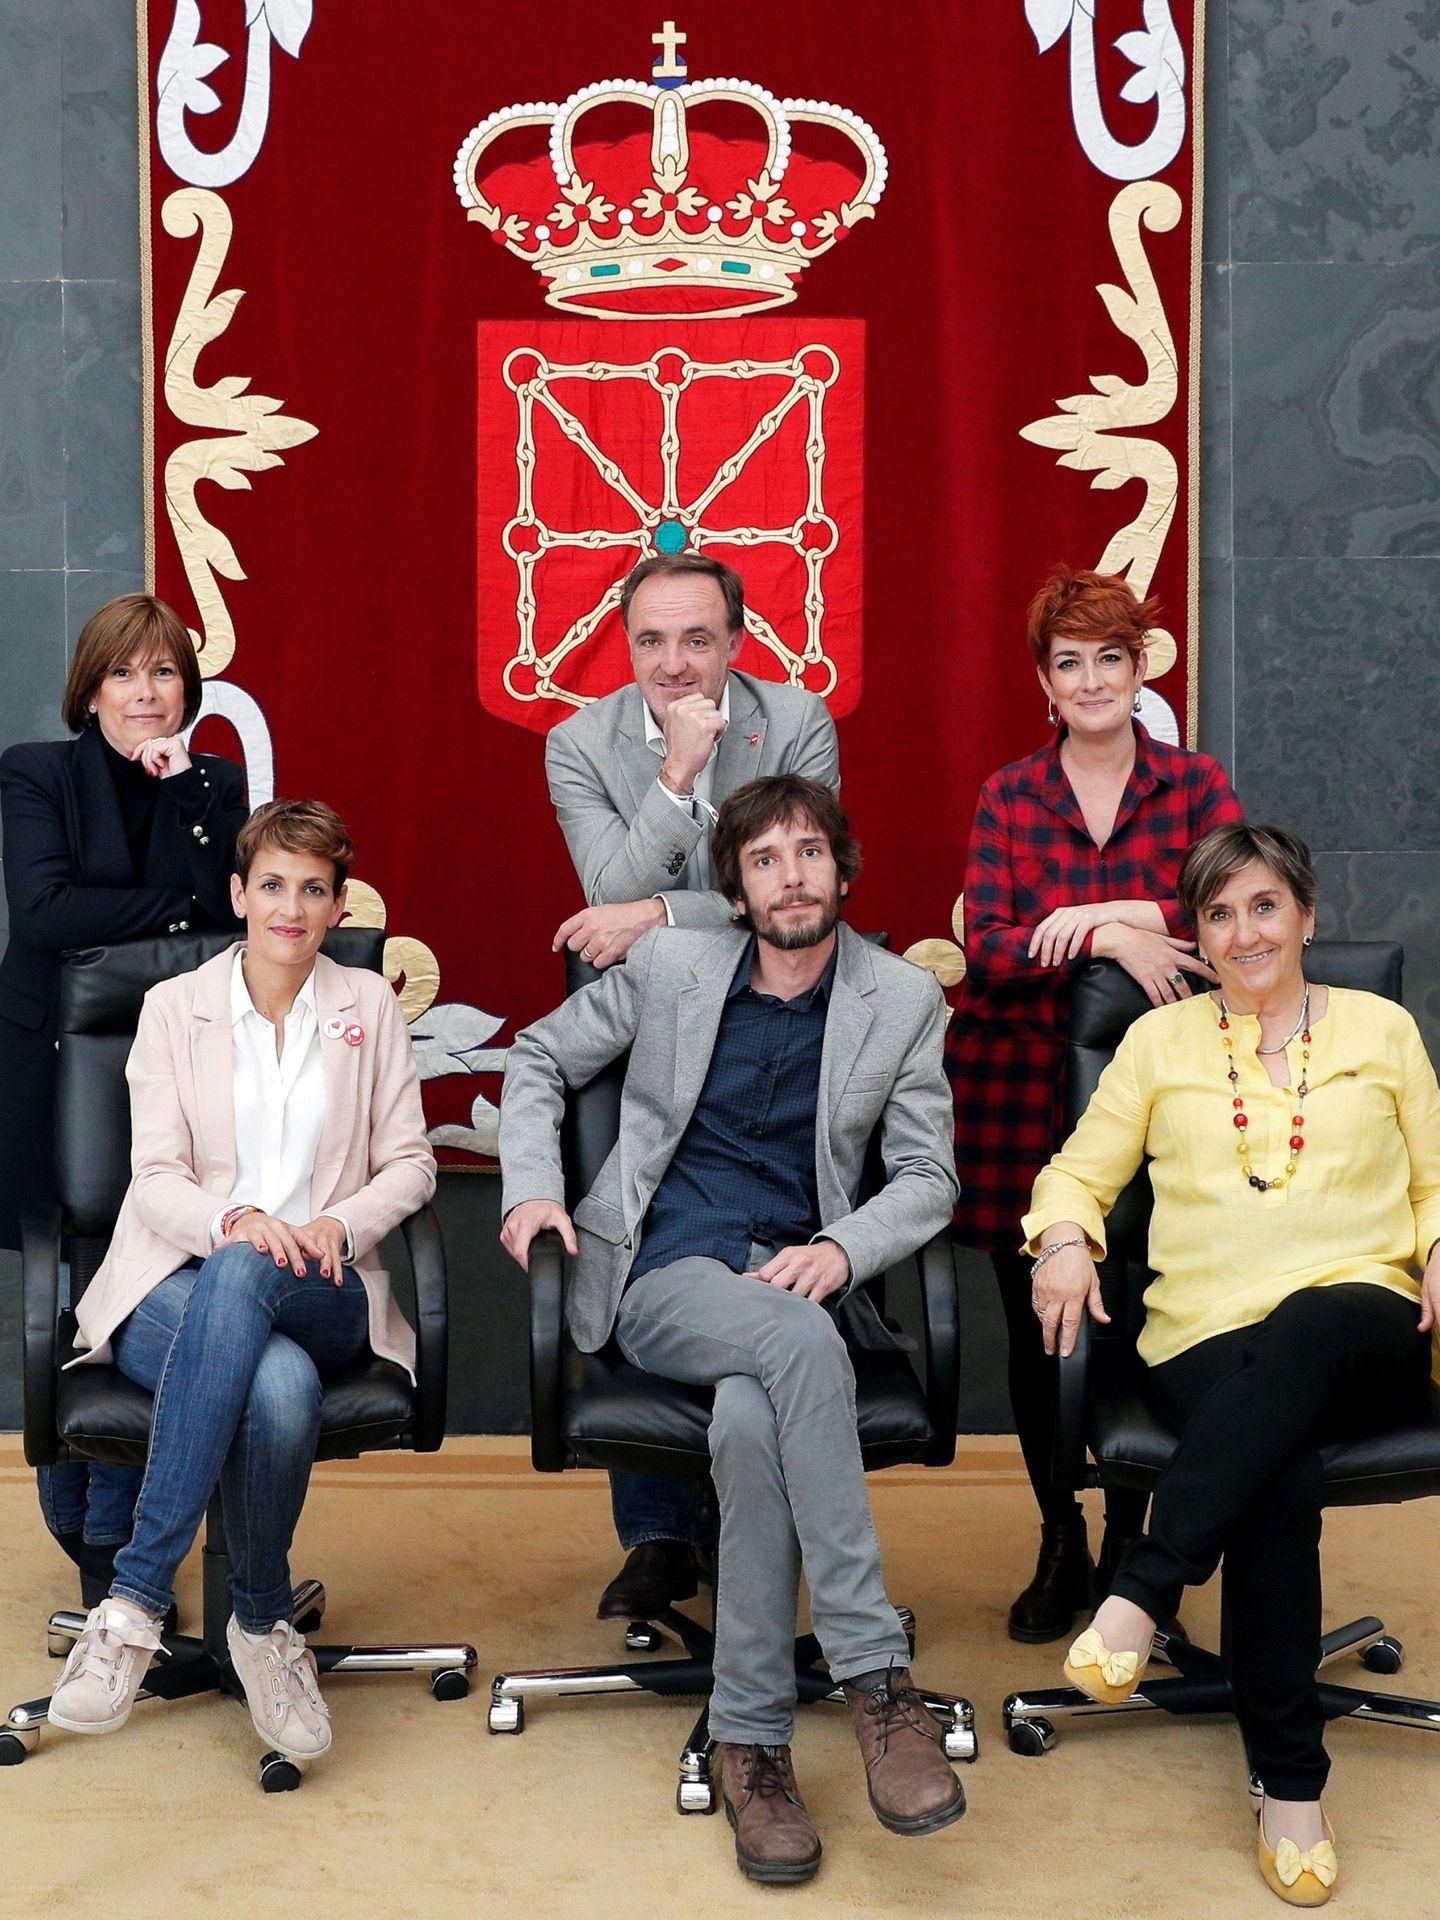 De izqda. a dcha. y de abajo arriba, los candidatos a la presidir Navarra, María Chivite (PSN), Mikel Buil (Podemos), y Marisa de Simón (Izquierda-Ezkerra), Uxue Barkos (GBai), Javier Esparza (Na+) y Bakartxo Ruiz (EH Bildu), el pasado 18 de mayo. (EFE)